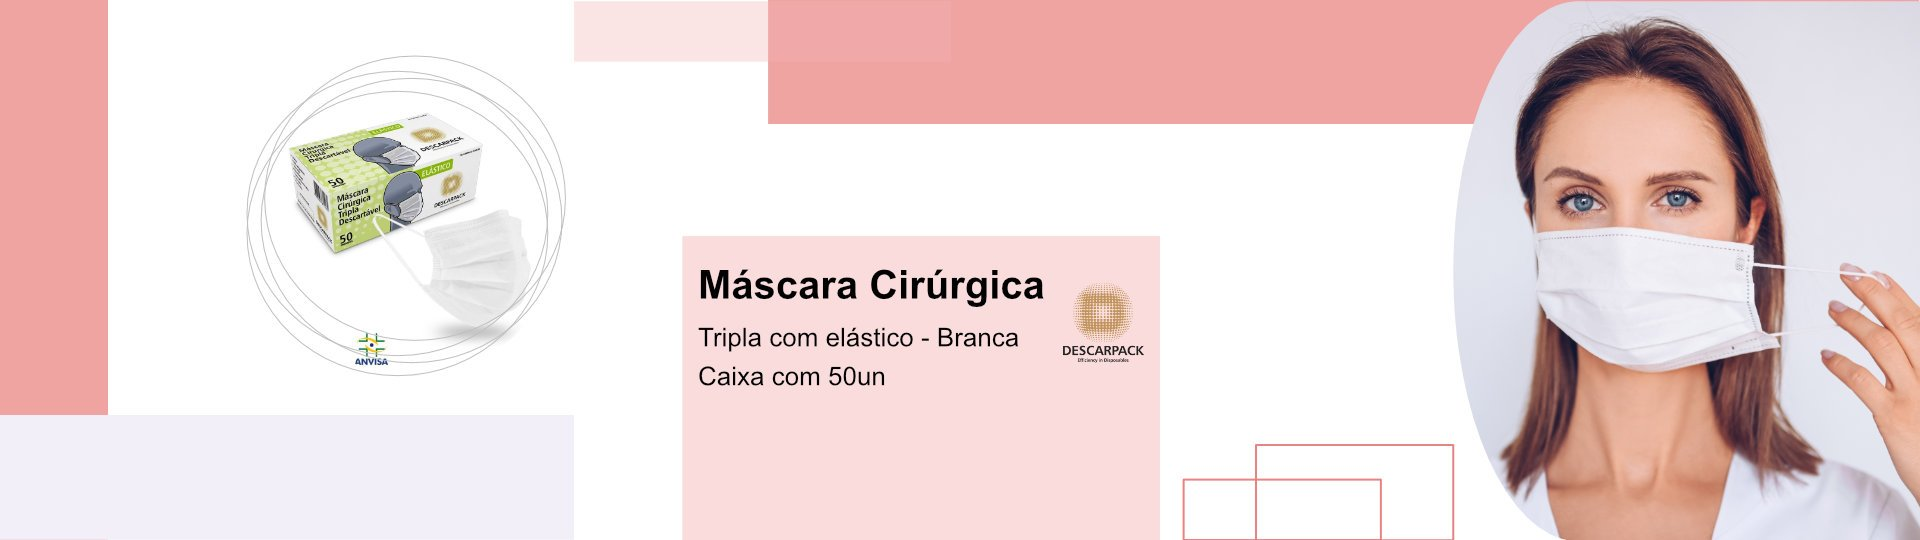 Máscara Cirúrgica Descarpack2